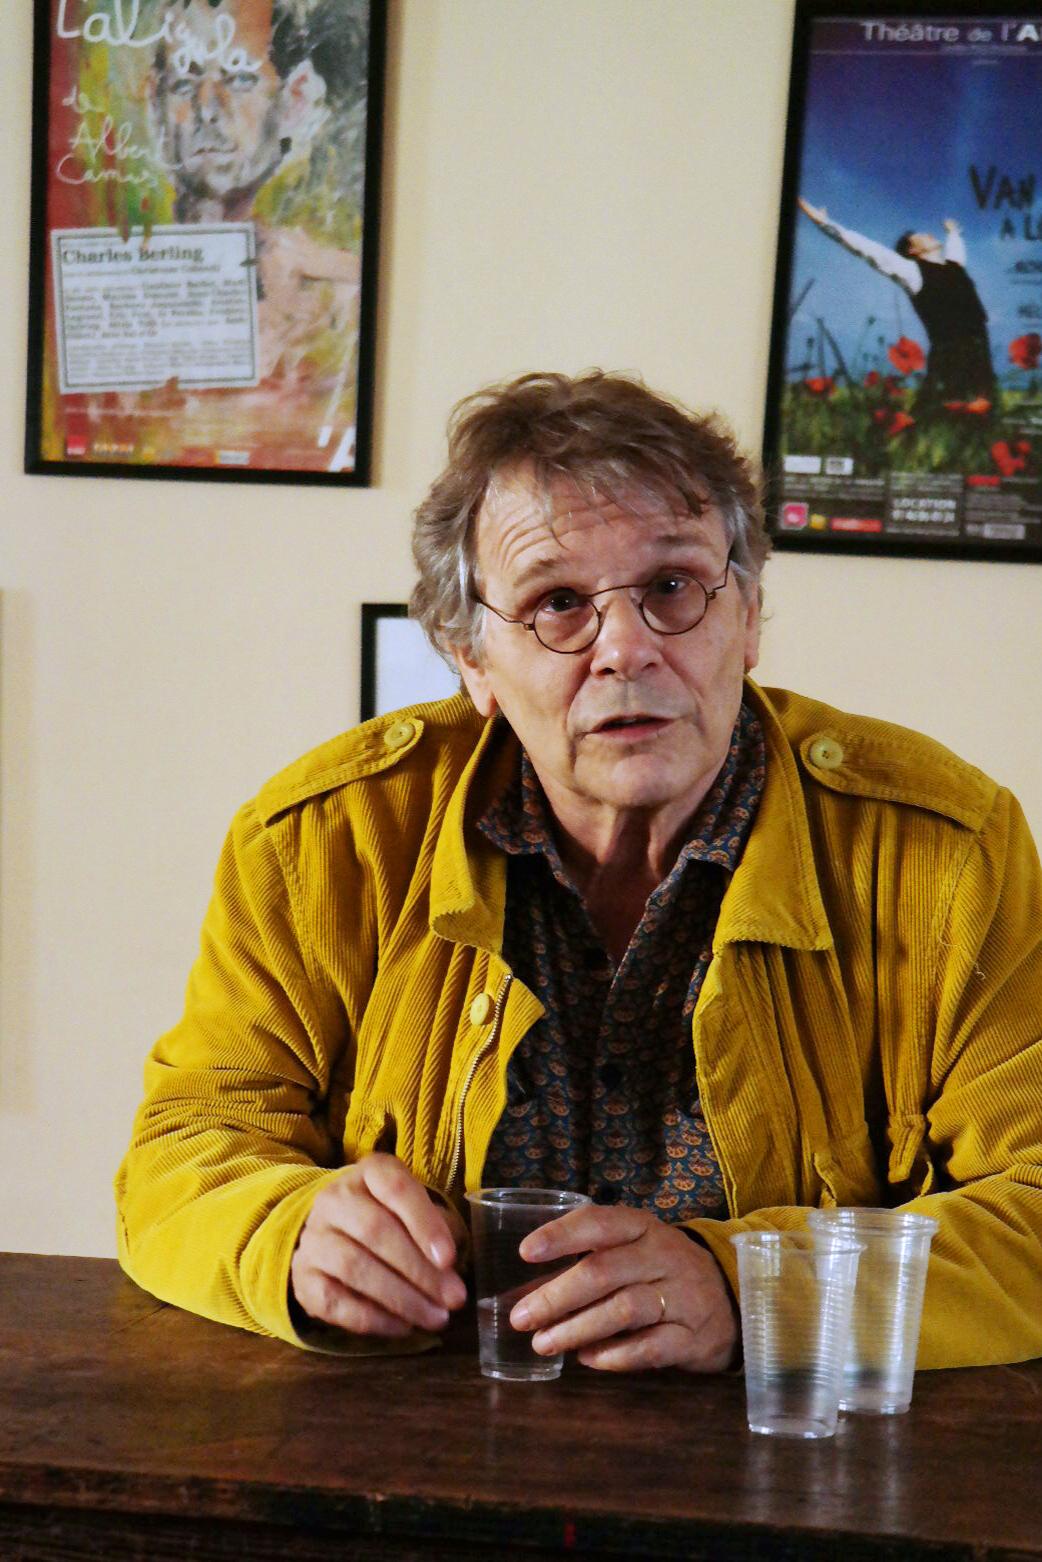 Daniel-Pennac-écrivain-auteur-pièce-Ancien-malade-des-hôpitaux-de-Paris-mise-en-scène-Benjamin-Guillard-au-Théâtre-de-l-Atelier-rencontre-blogueurs-photo-by-United-States-of-Paris-blog